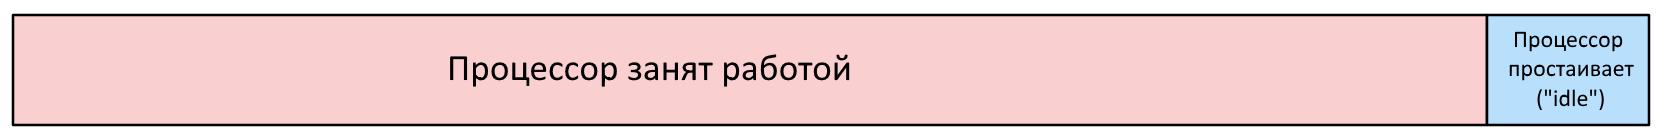 [Перевод] Вы неверно измеряете загрузку процессора